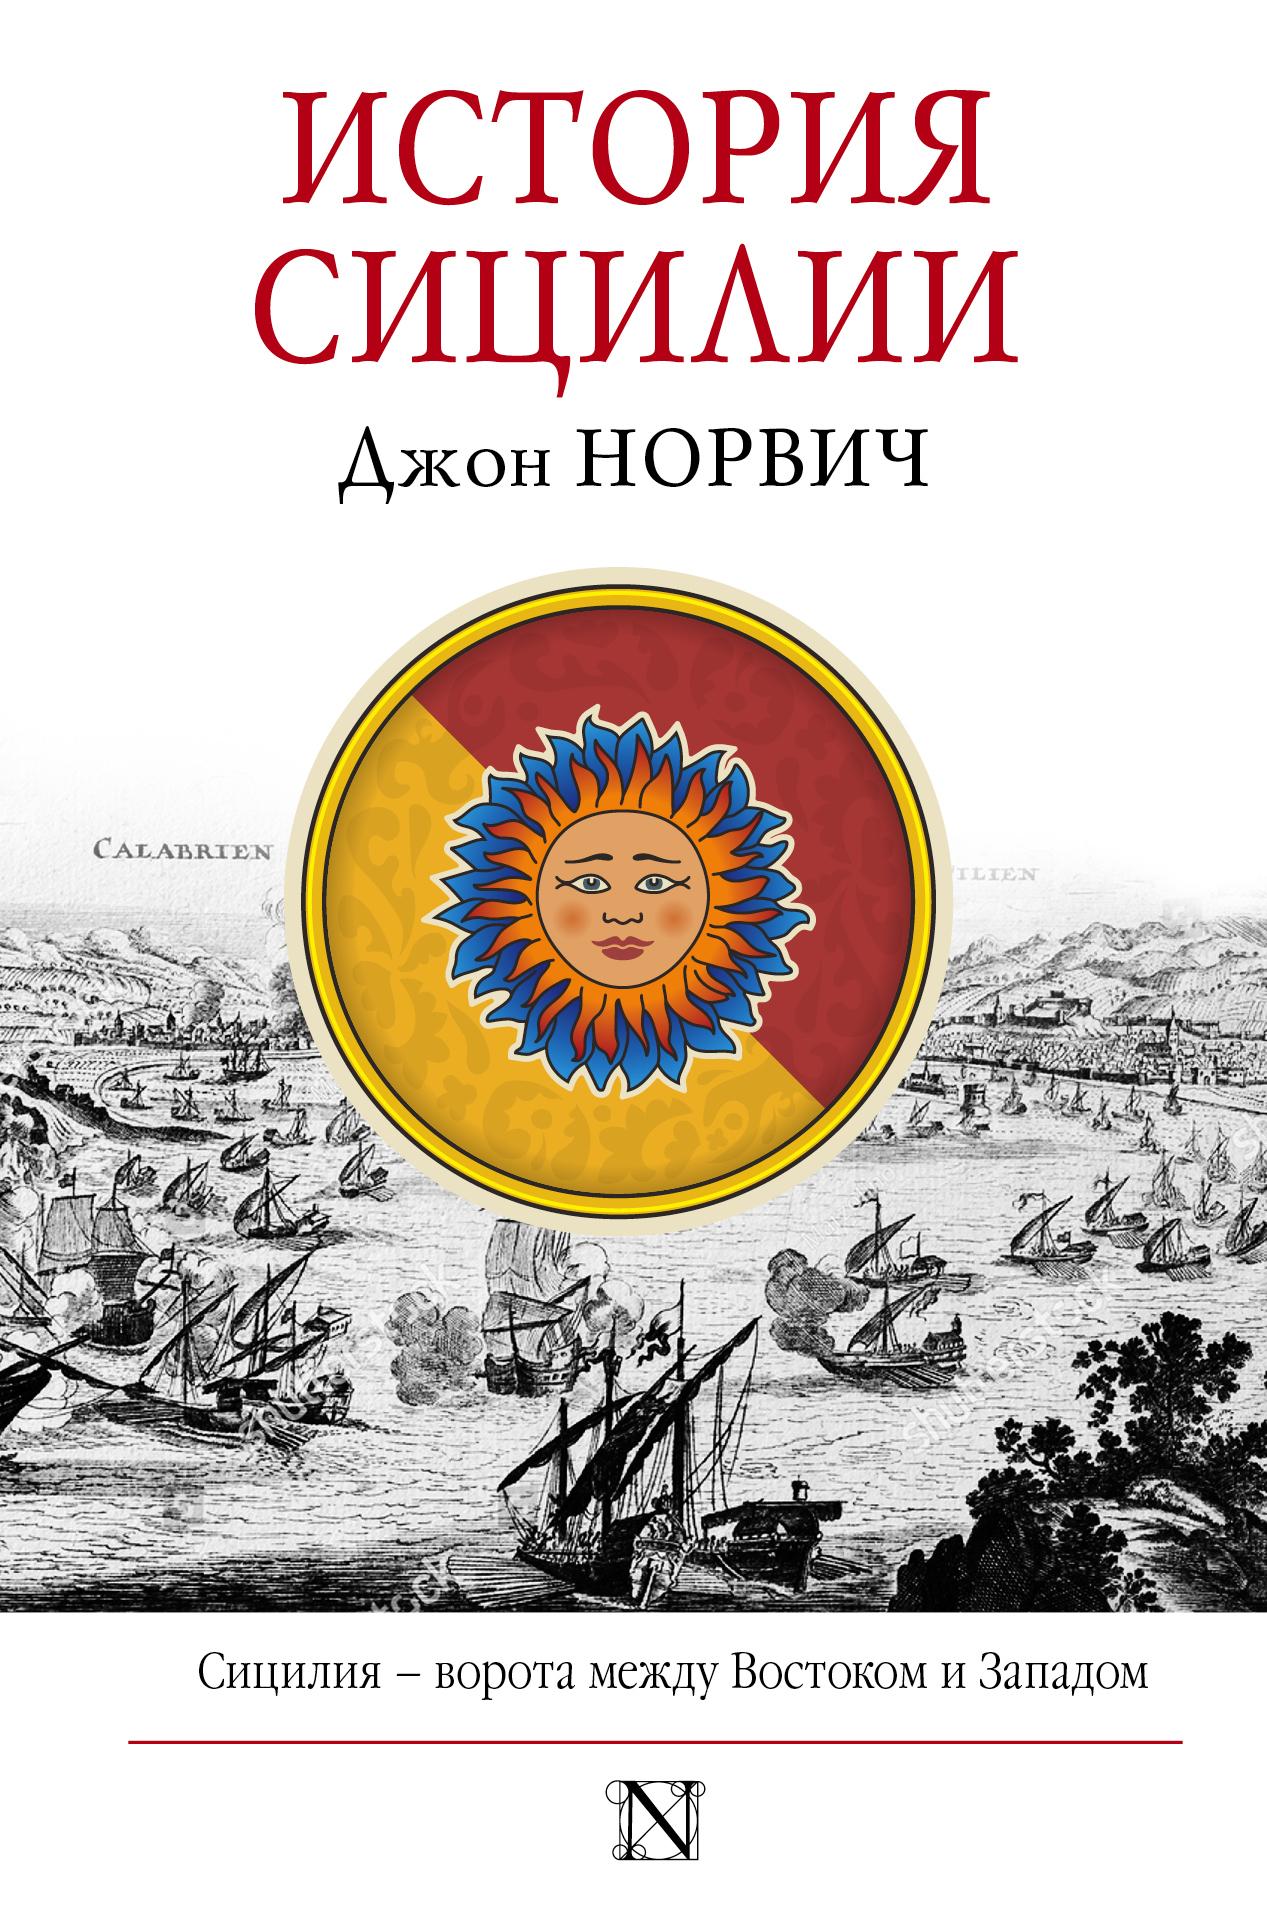 купить Джон Норвич История Сицилии по цене 319 рублей